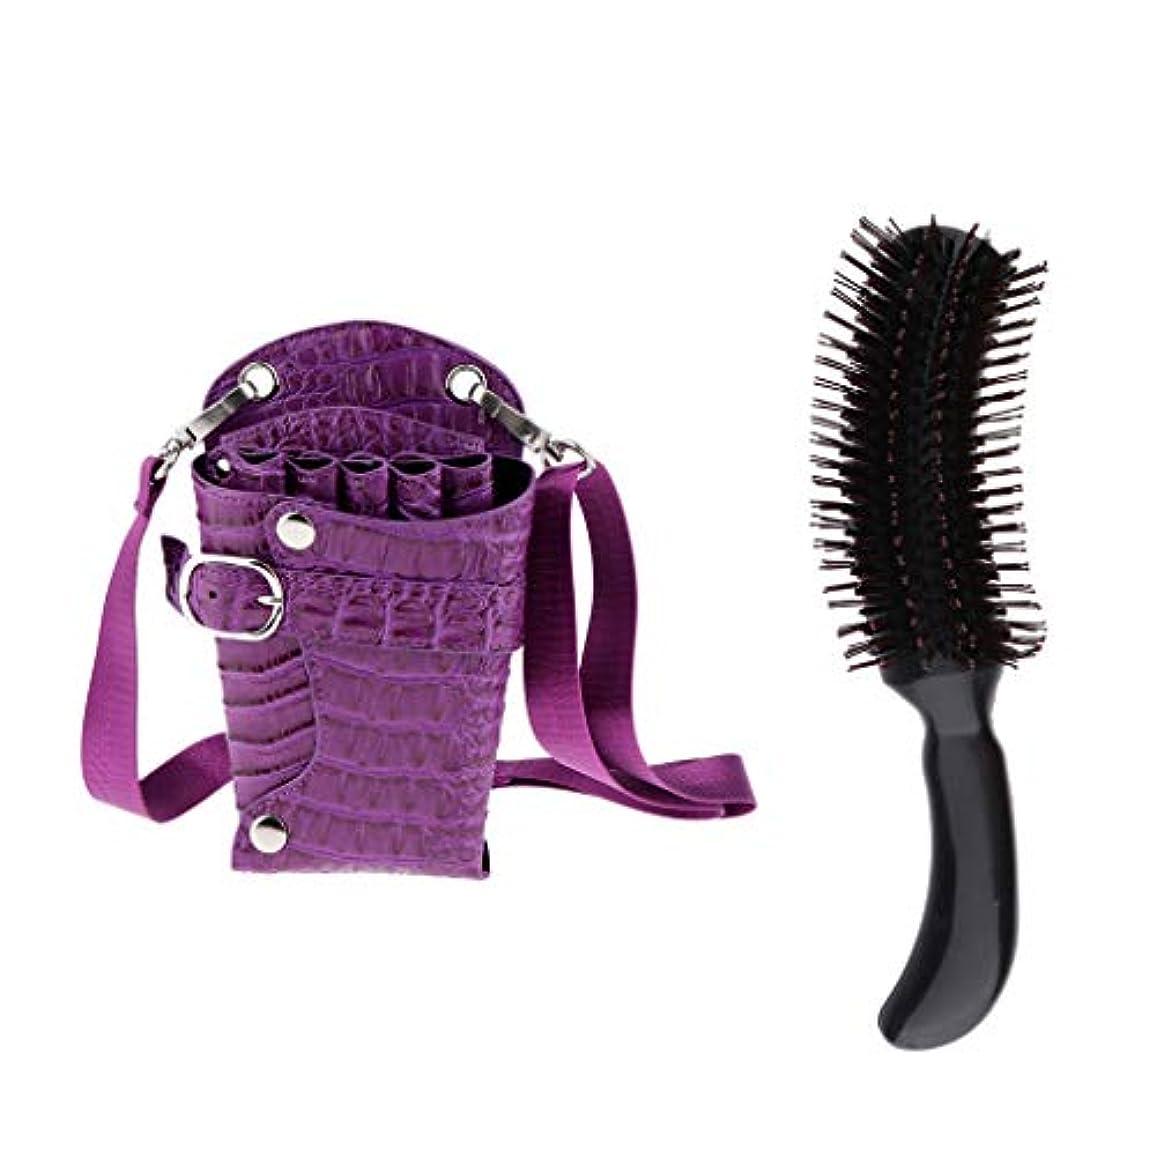 不注意フェードタクシーDYNWAVE 理髪はさみツールホルダーケース&スタイリングデタングルヘアブラシS形状